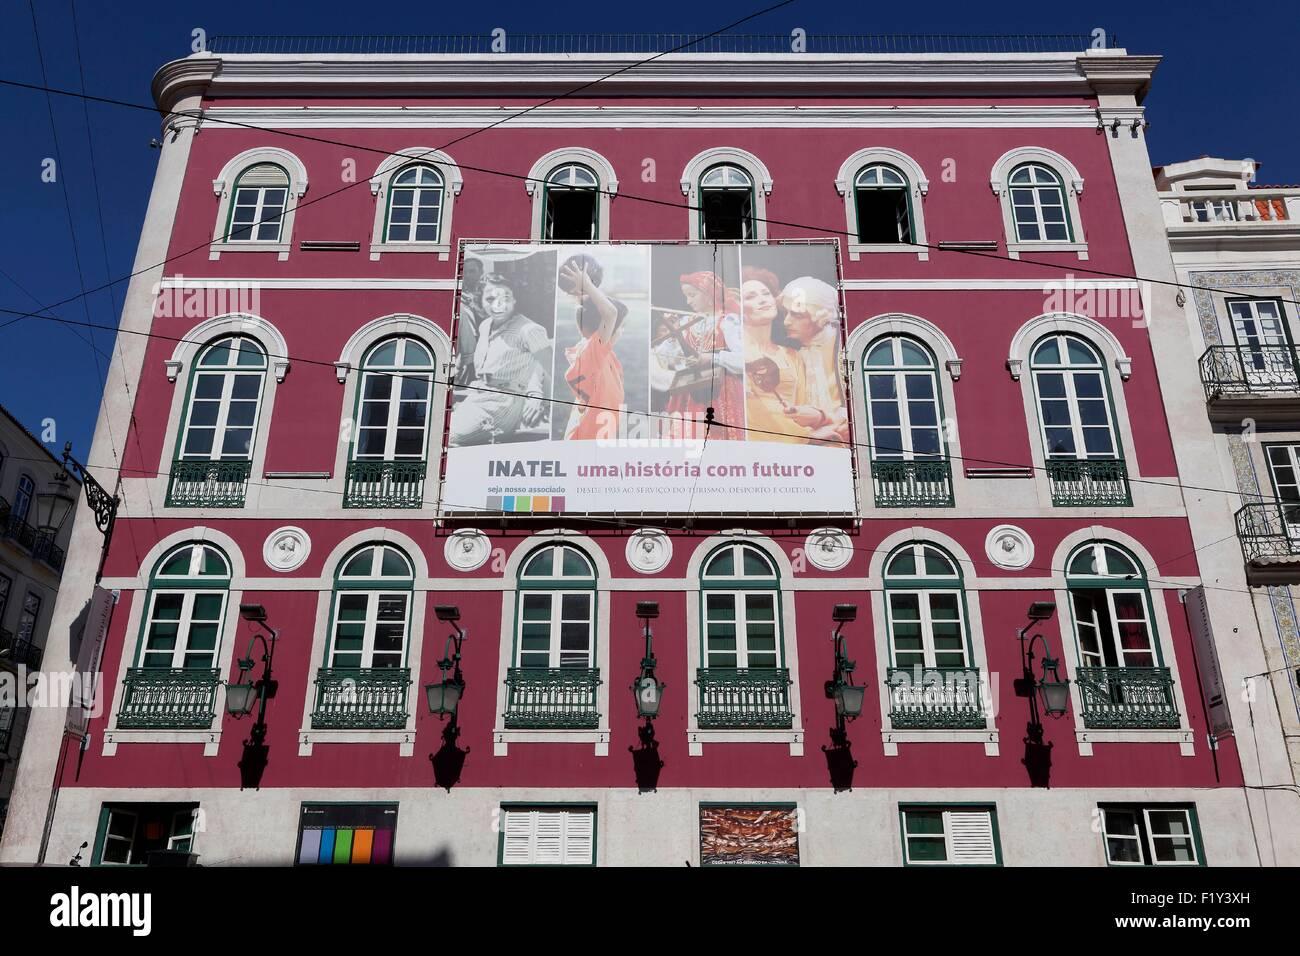 Portugal, Lisbonne, le Bairro Alto, la façade de l'immeuble Photo Stock